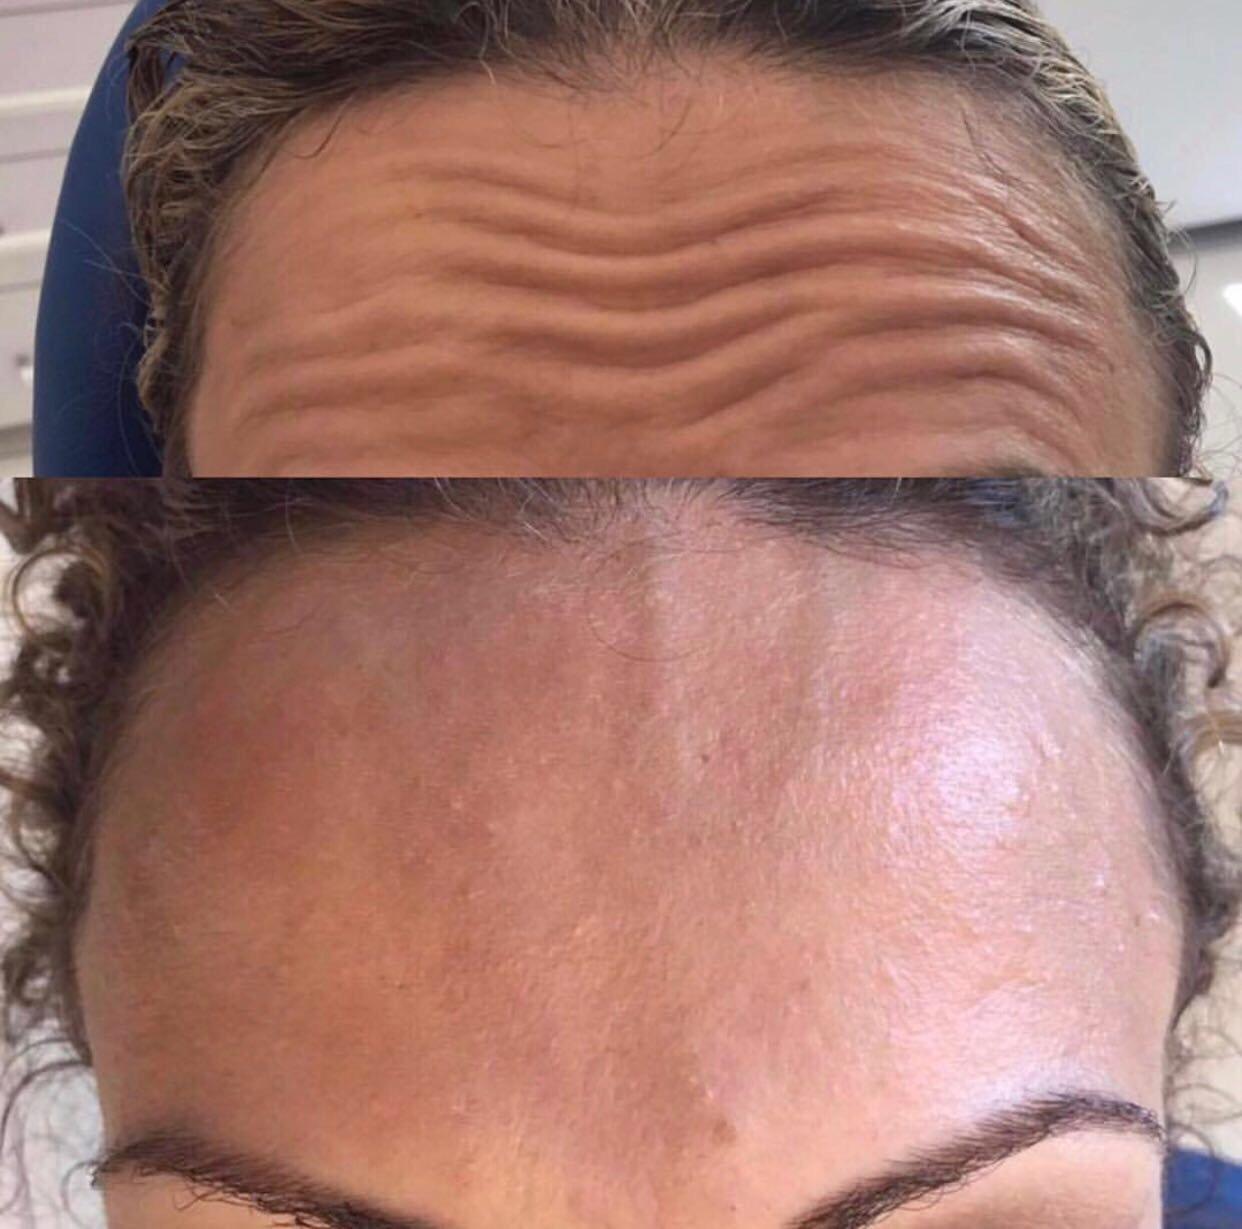 بعد مشاركتها بمؤتمر الطب التجميلي في باريس... الاء عبد الحي: دائما هنالك جديد بمجال الطب التجميلي